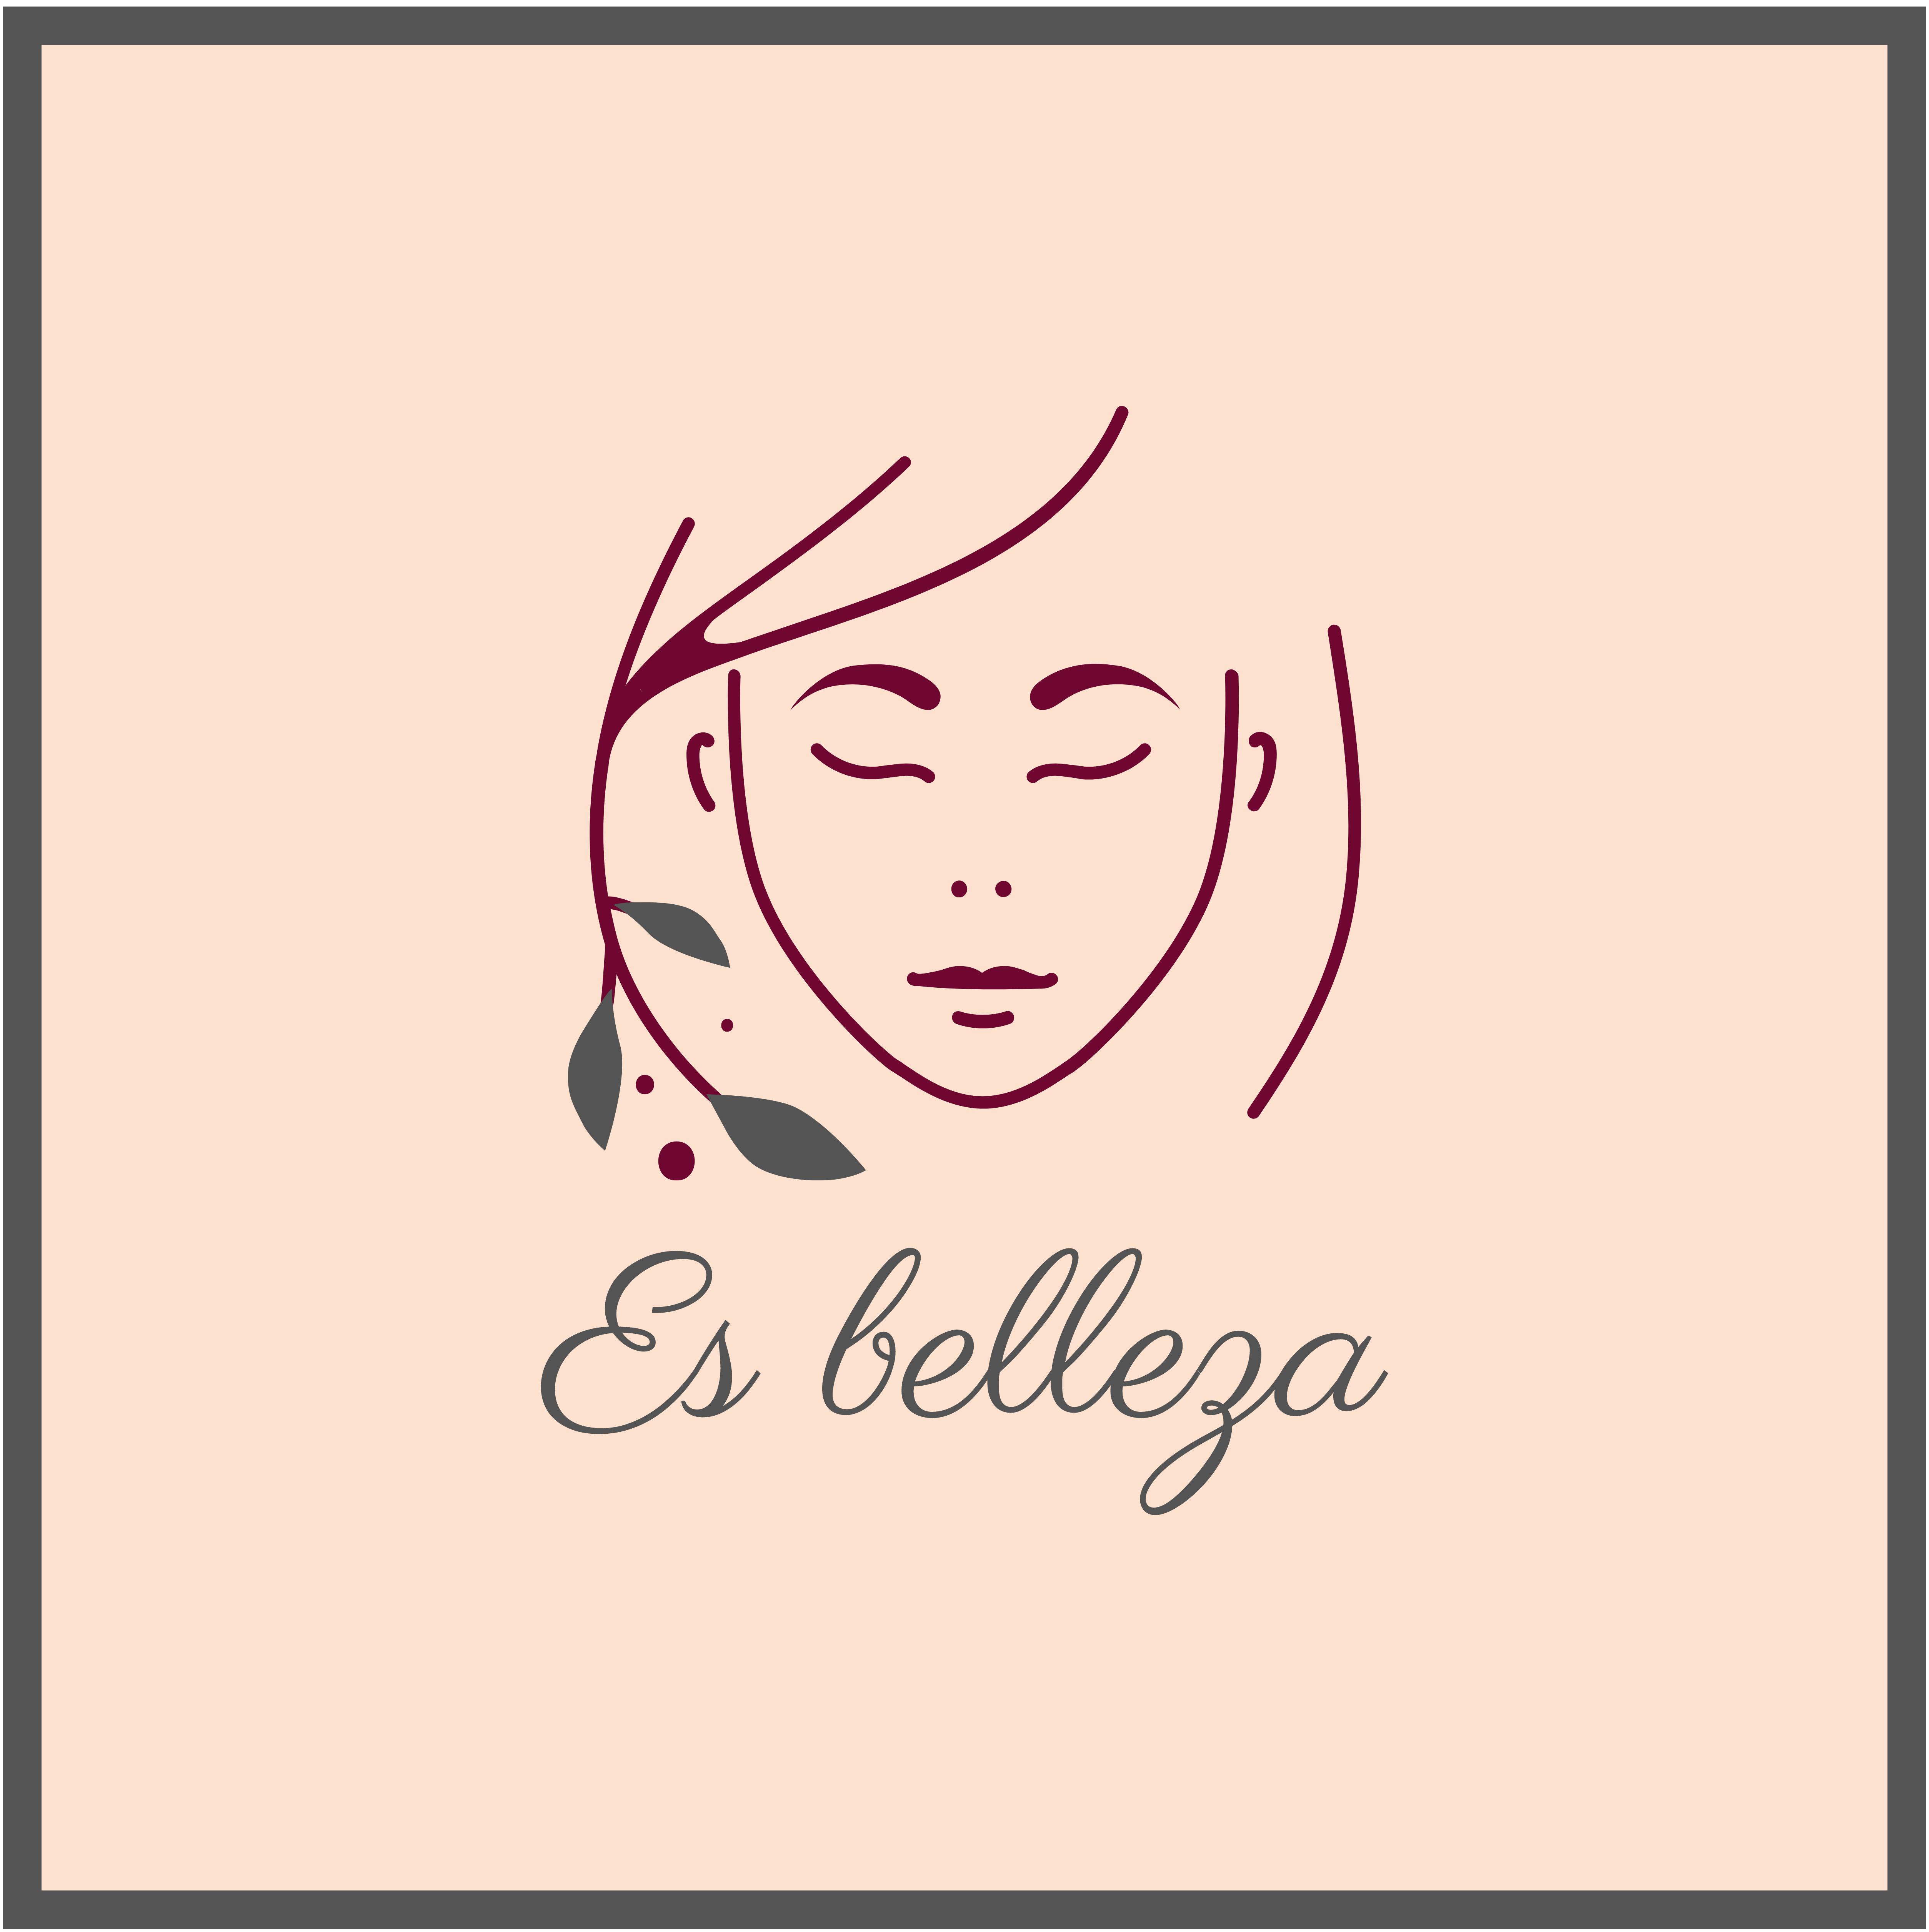 ES BELLEZA